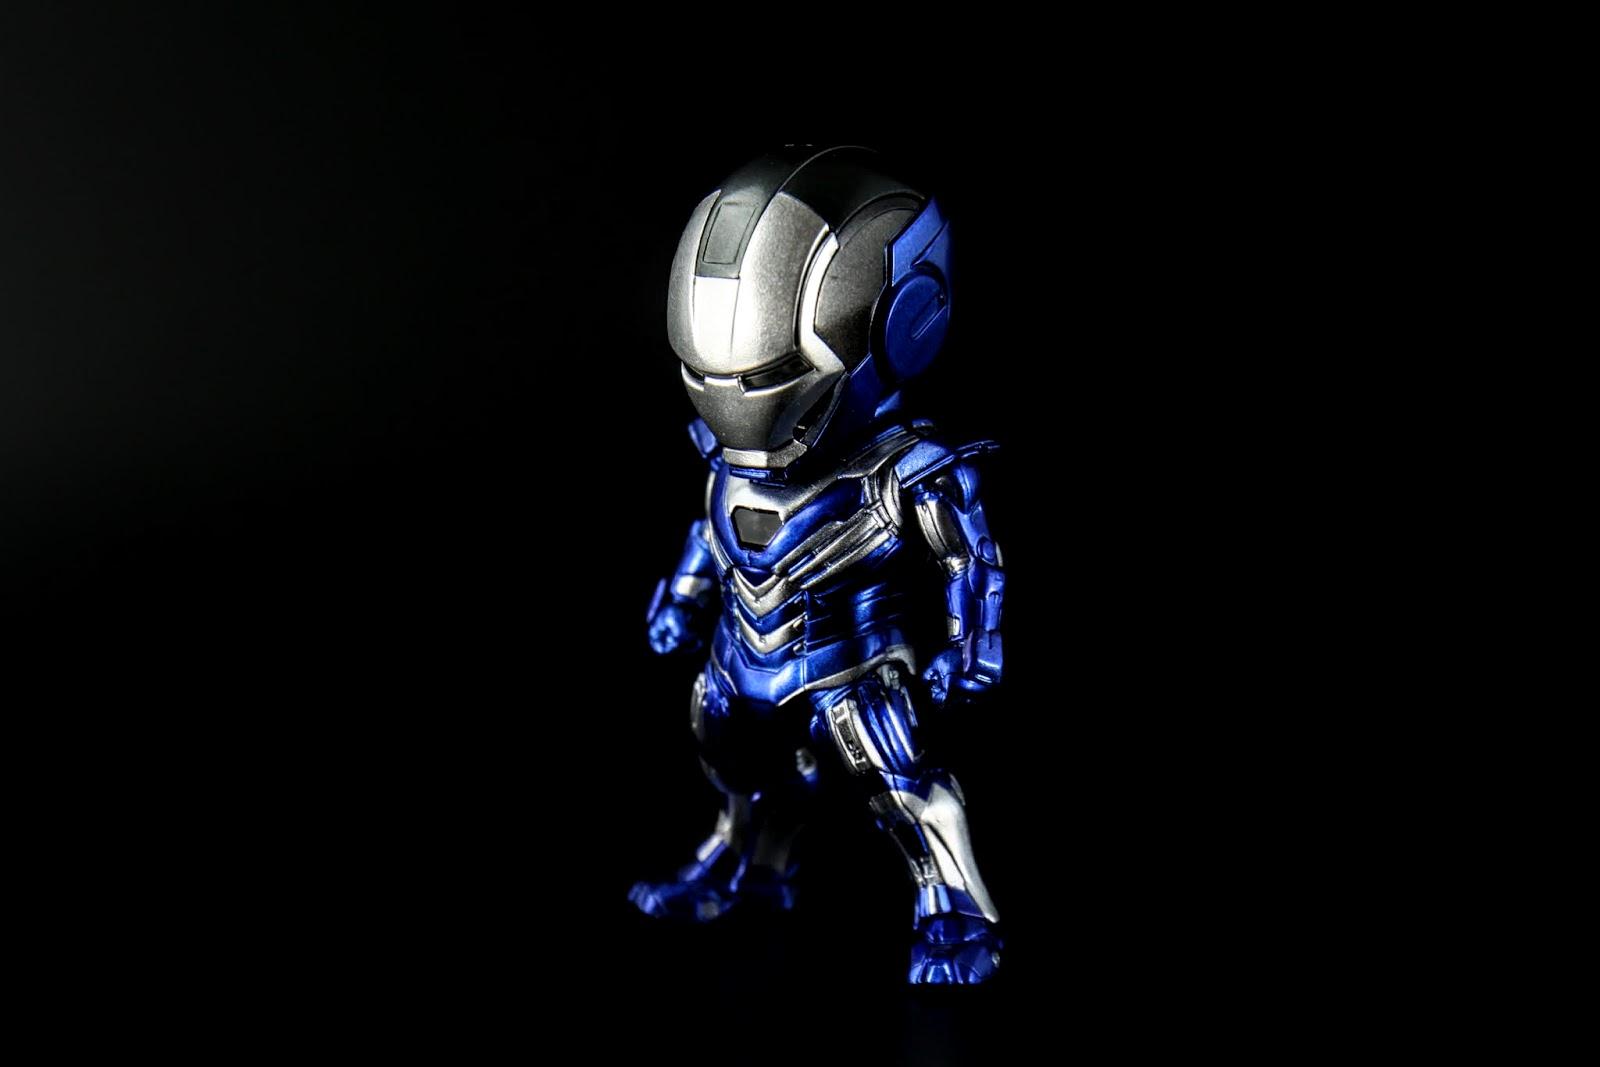 外型是很難得的藍色主色調,大家都知道東尼很低調不太用藍色的